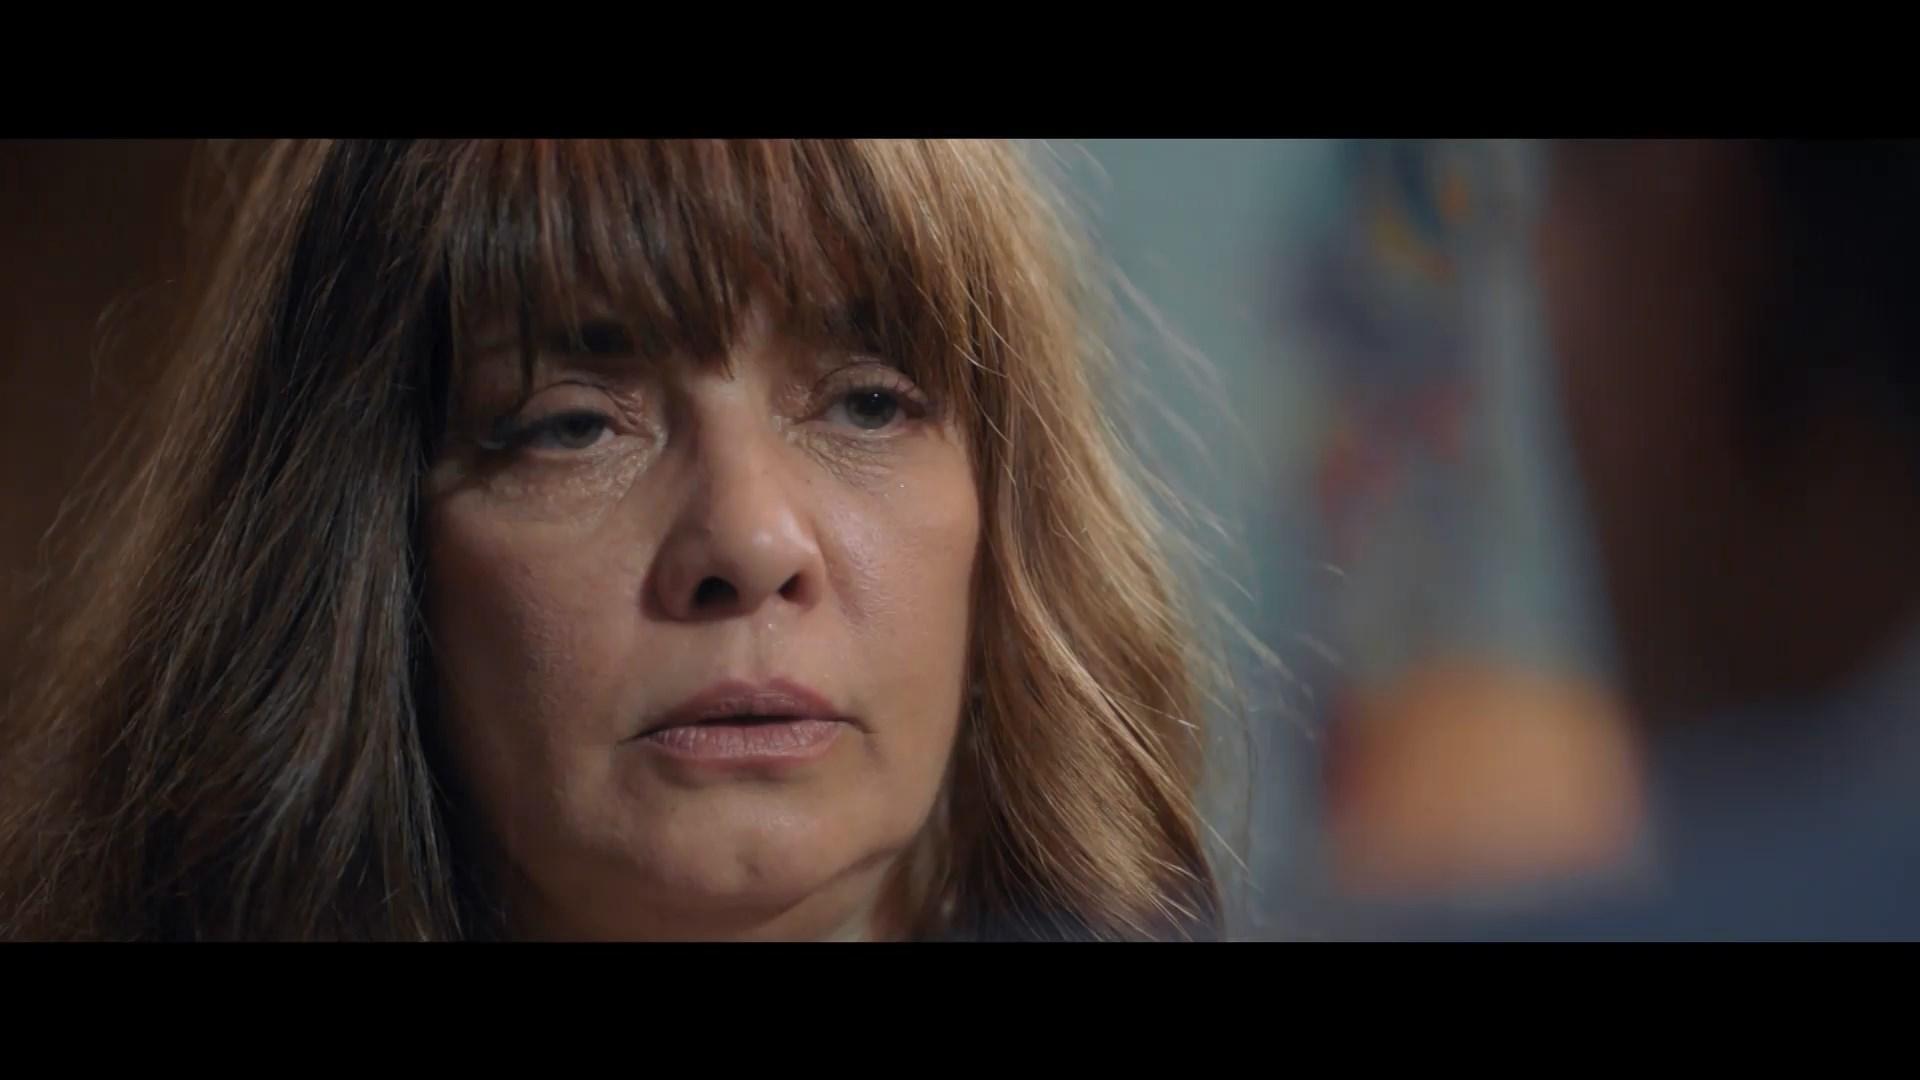 مسلسل إلا أنا حكاية أمر شخصي الحلقة الثالثة (2020) 1080p تحميل تورنت 6 arabp2p.com